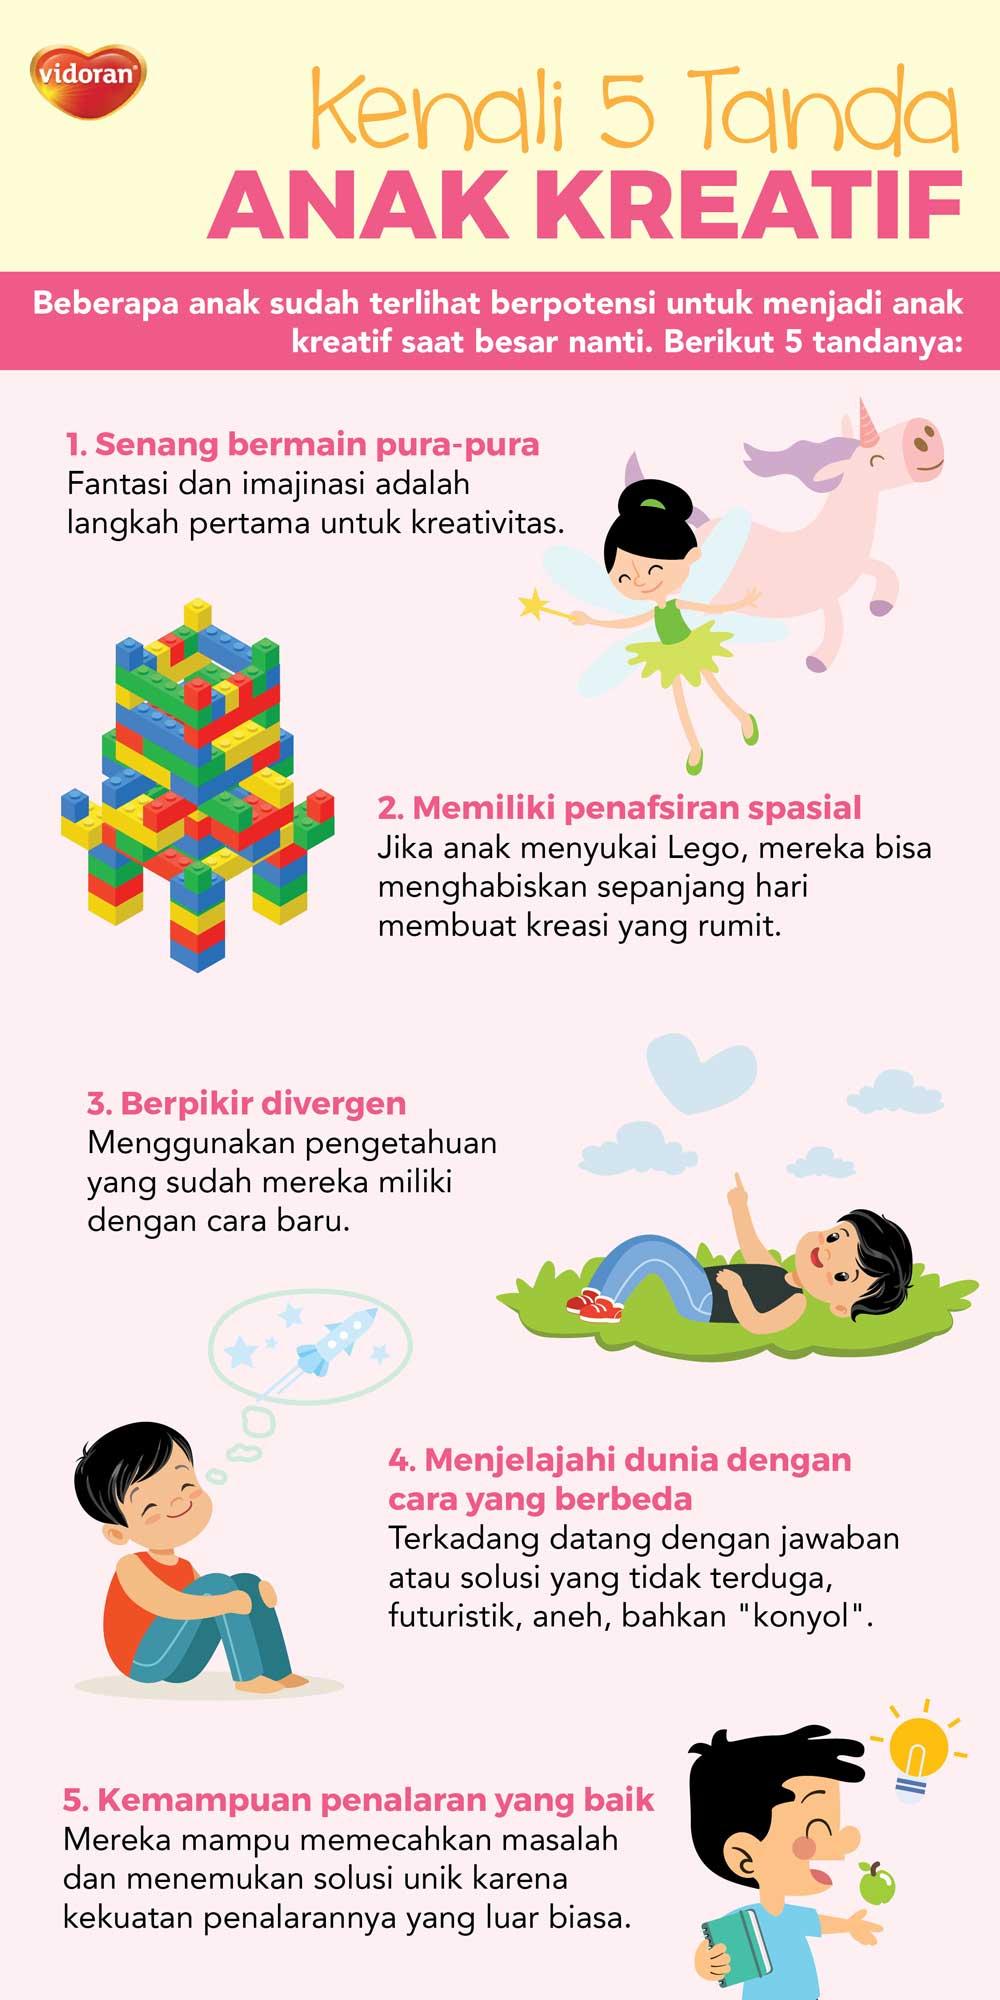 Kenali 5 Tanda Anak Kreatif